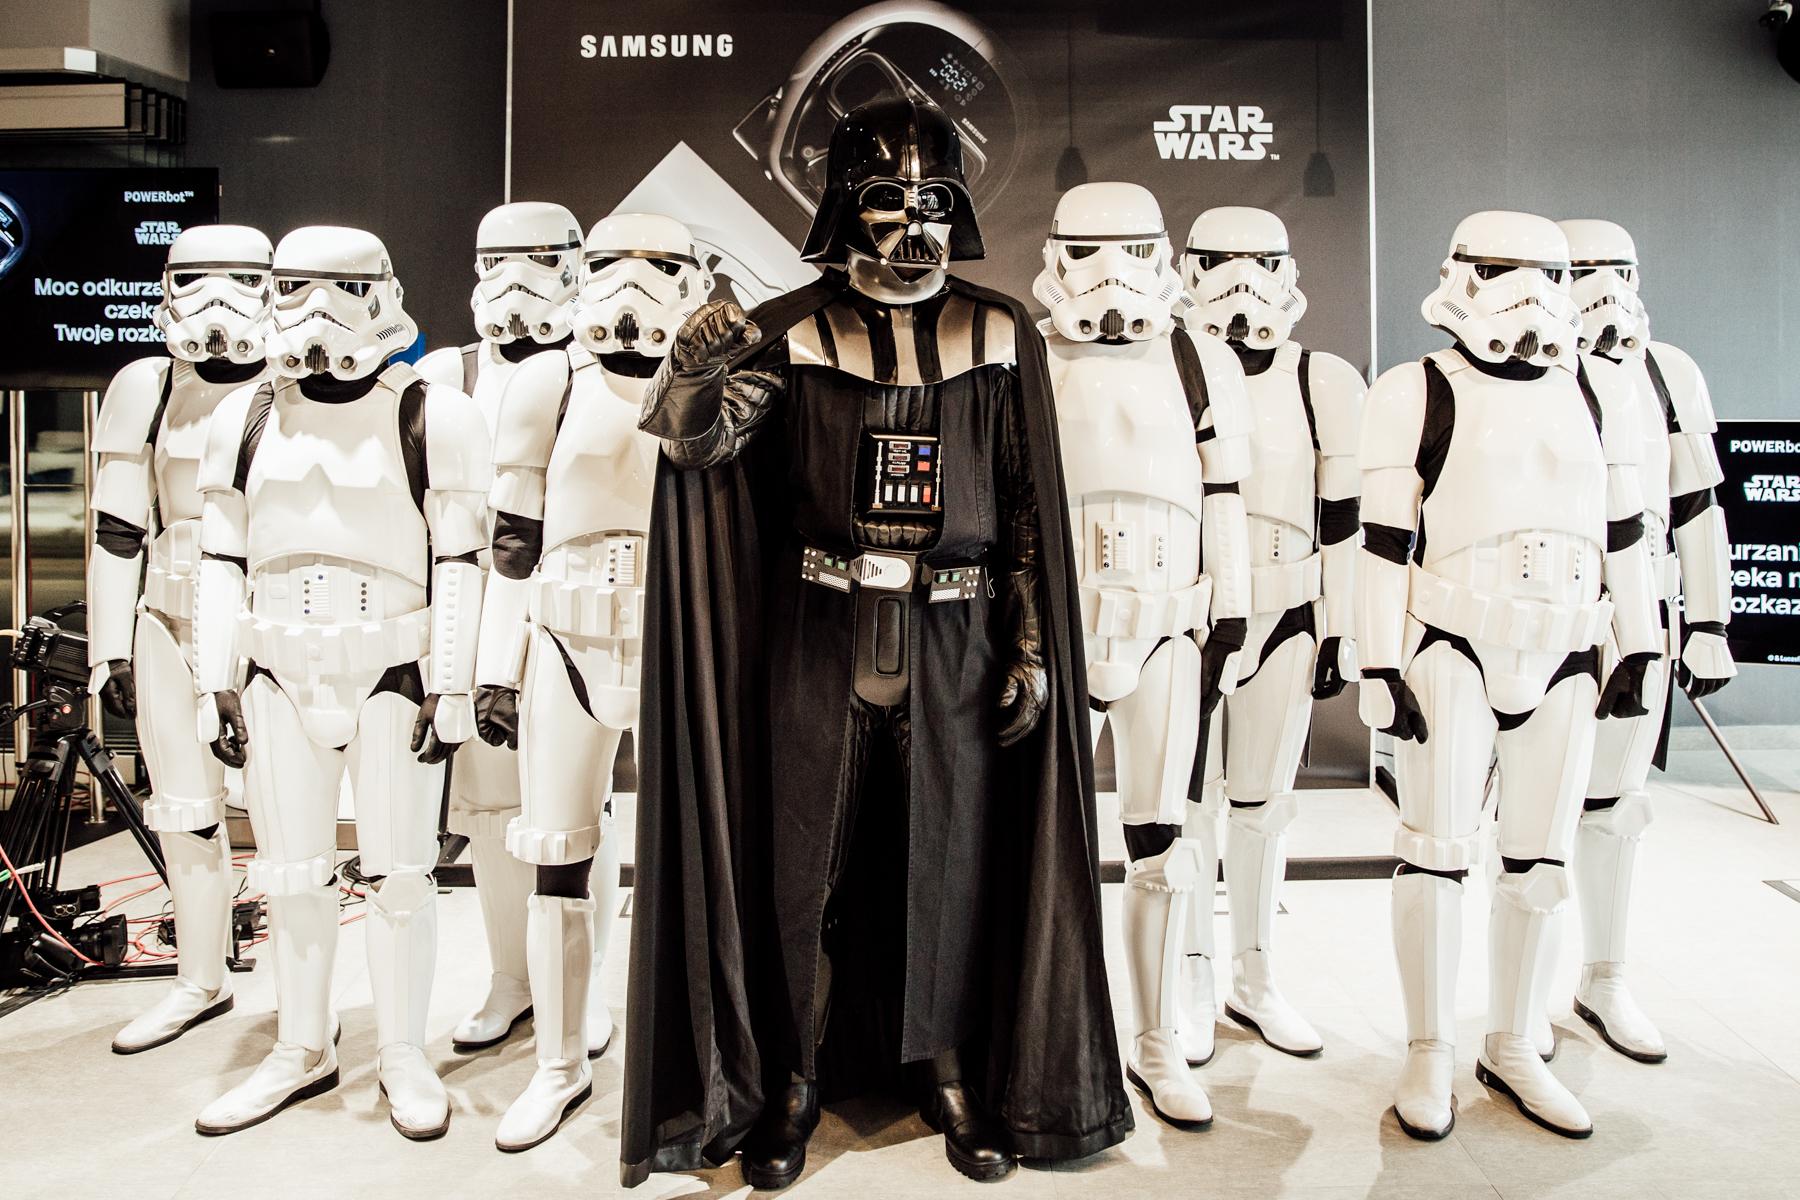 Roboty sprzątające Star Wars od Samsunga